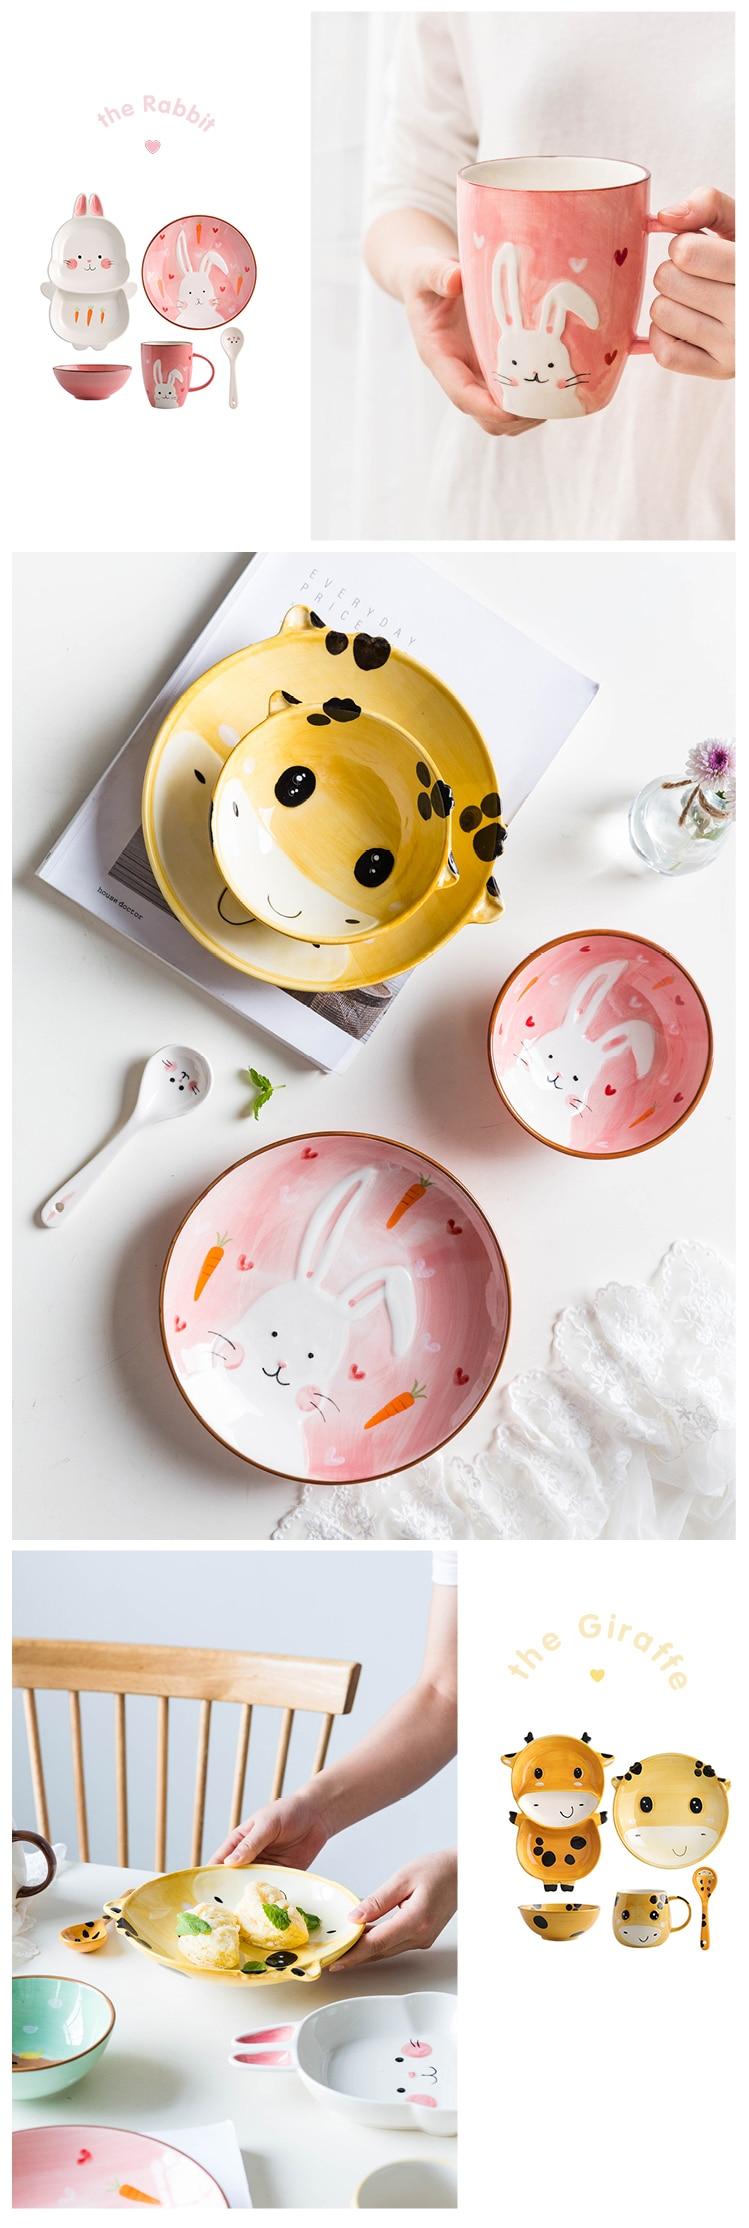 tigela caneca louça cerâmica porcelana bebê crianças